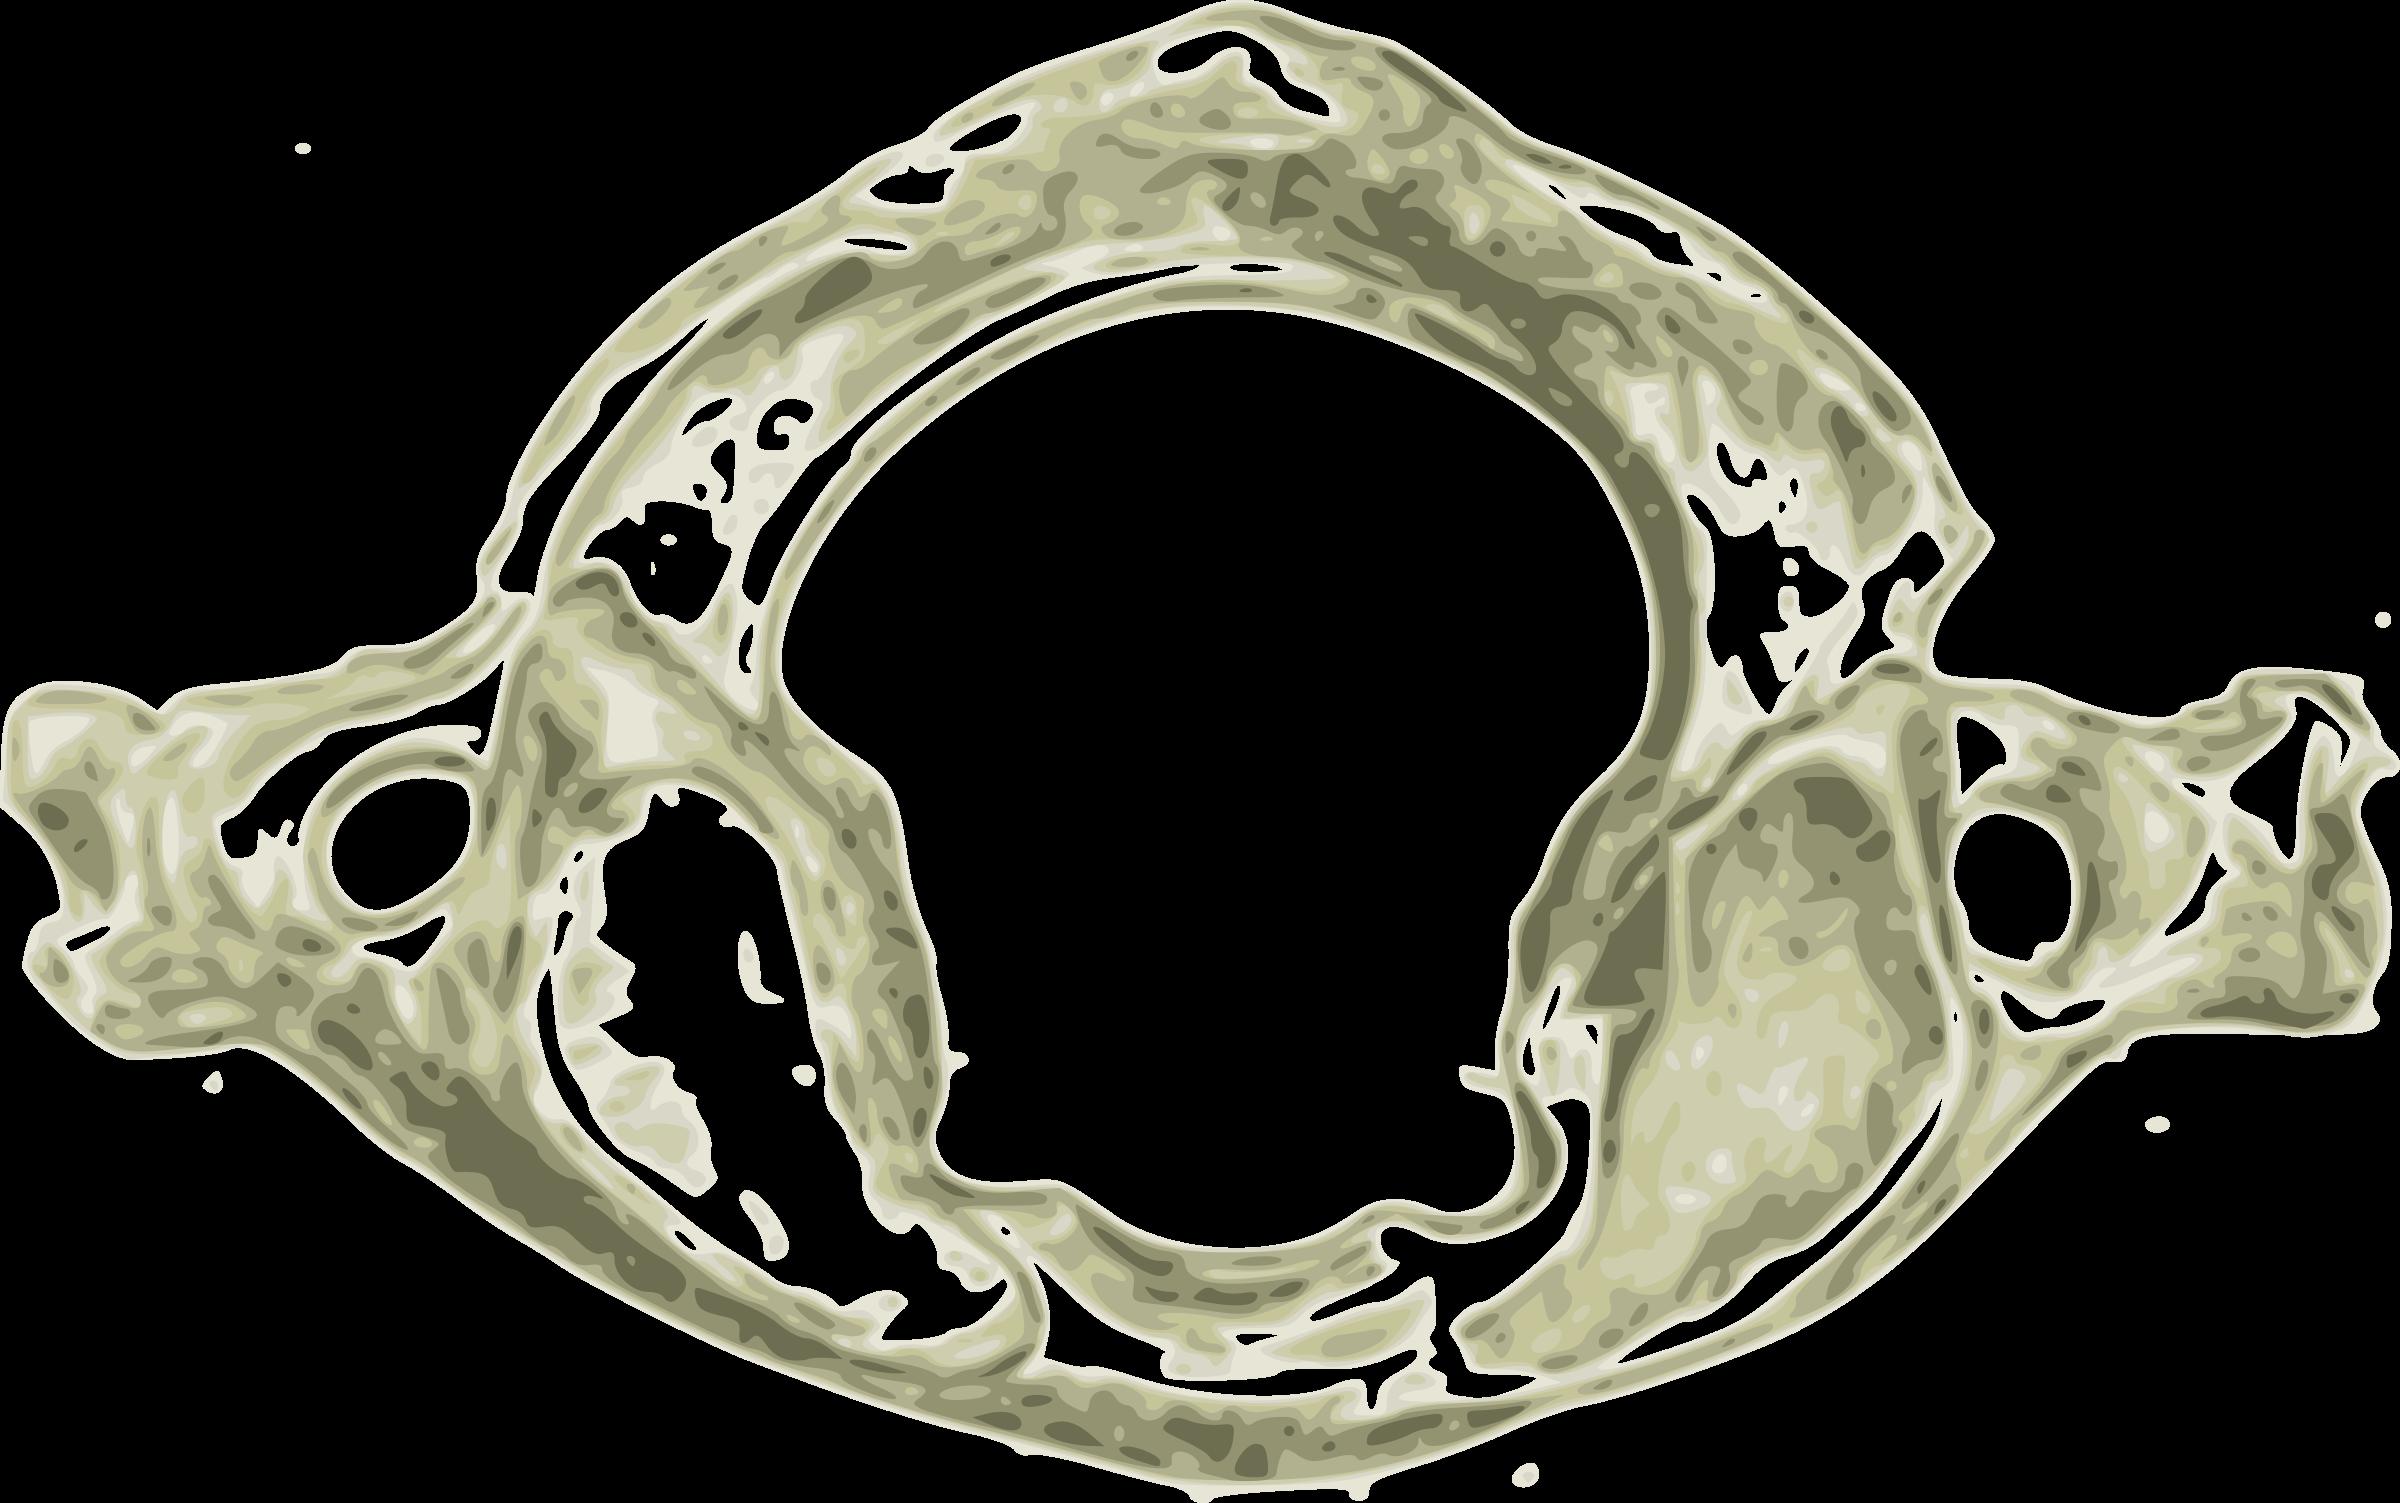 Clipart - Atlas First human cervical vertebra C1 (First Cervical spine)